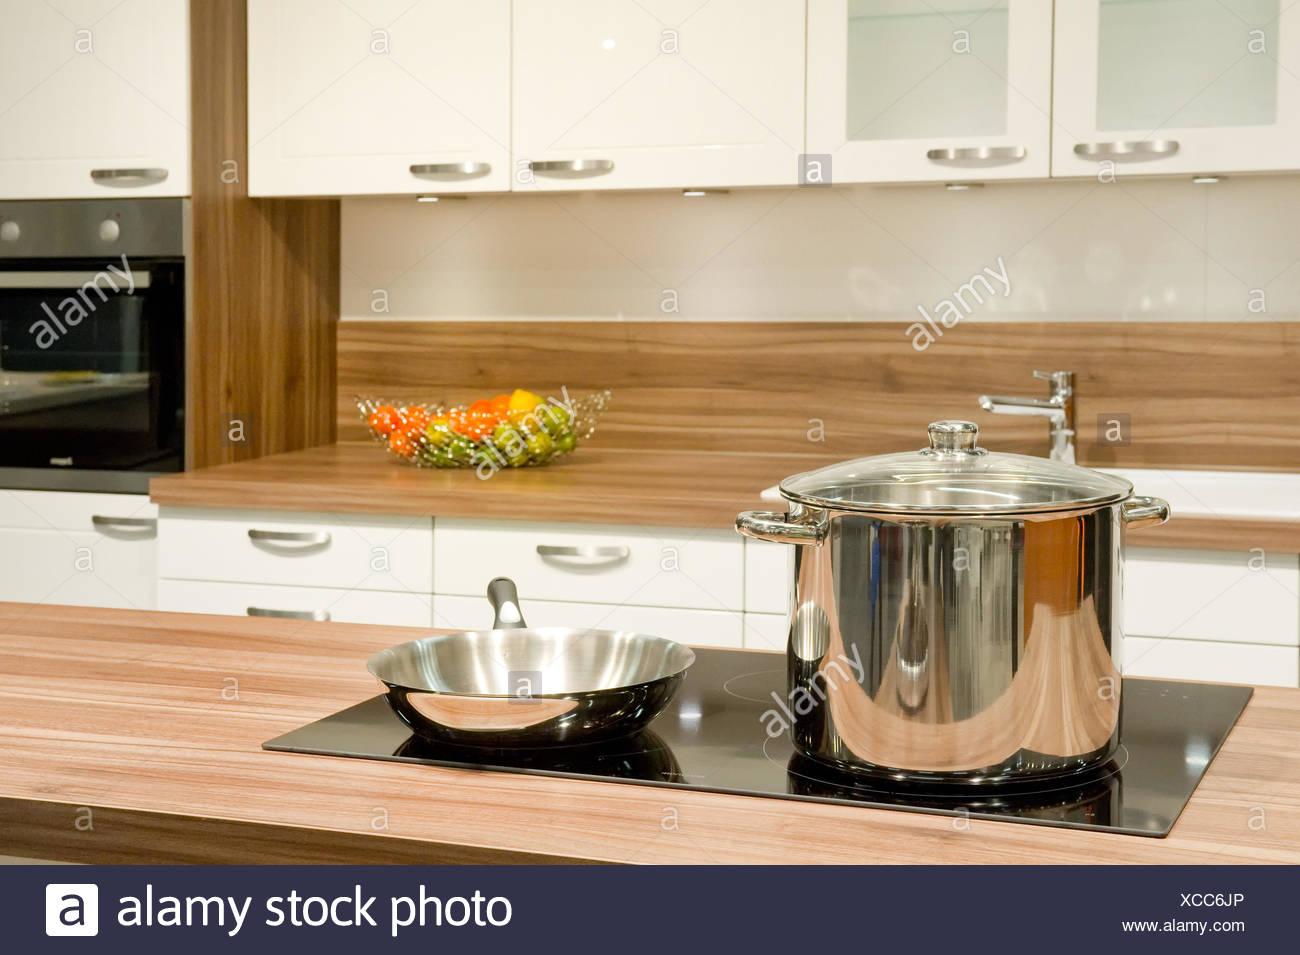 Gemütlich Gemütliche Küchen Kilsyth Bilder - Ideen Für Die Küche ...